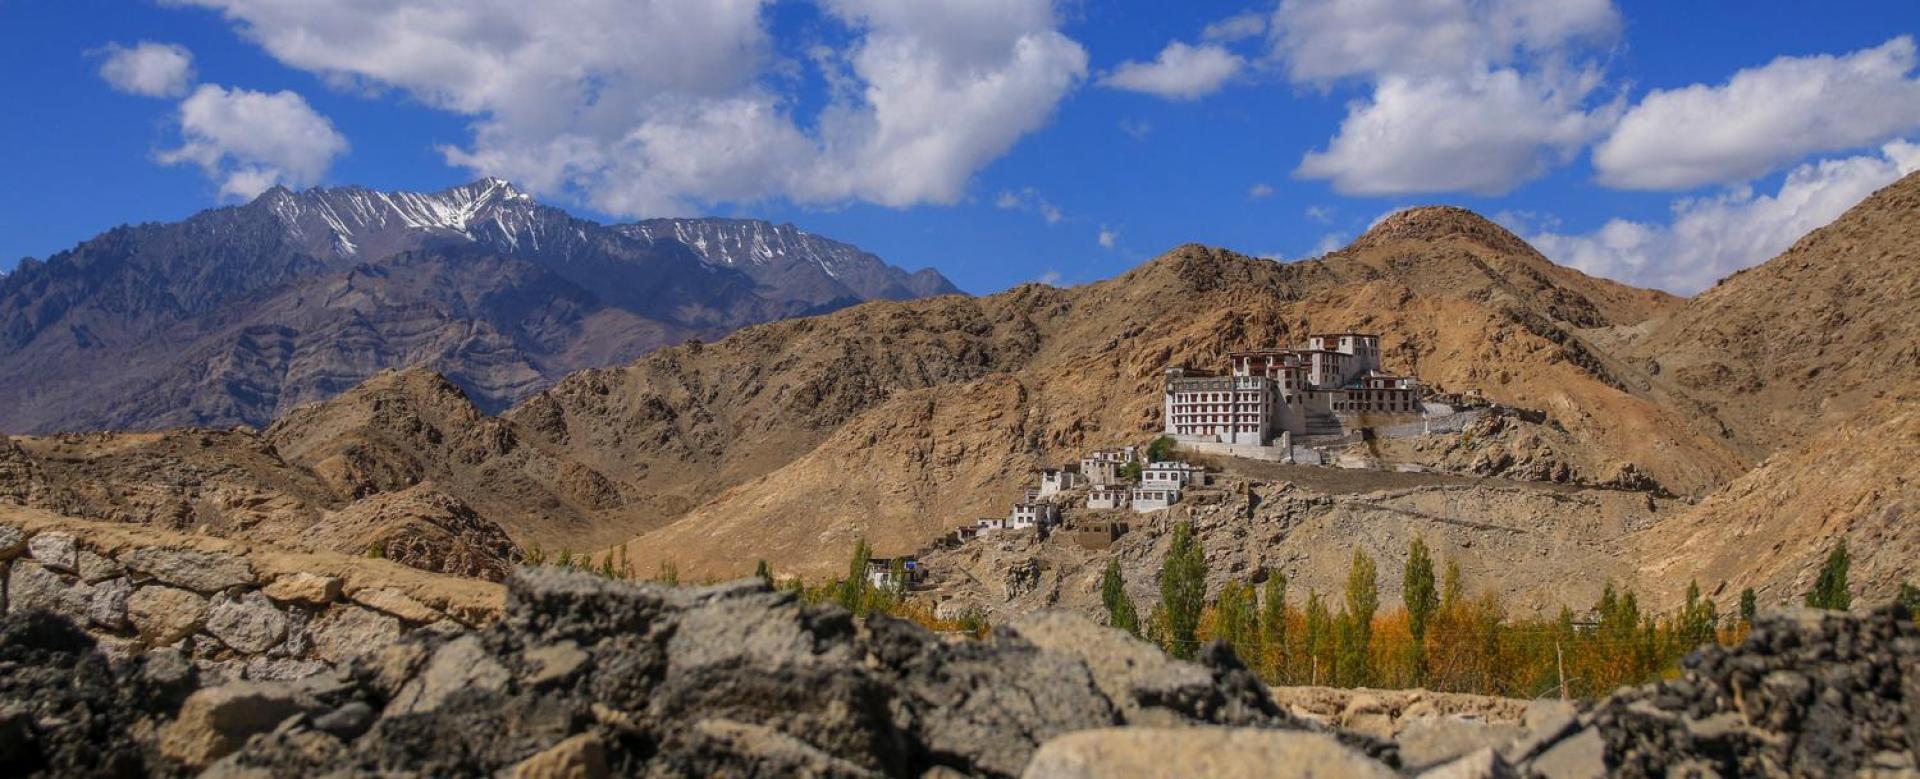 Voyage à pied Inde : Pays ladakhi et taj mahal